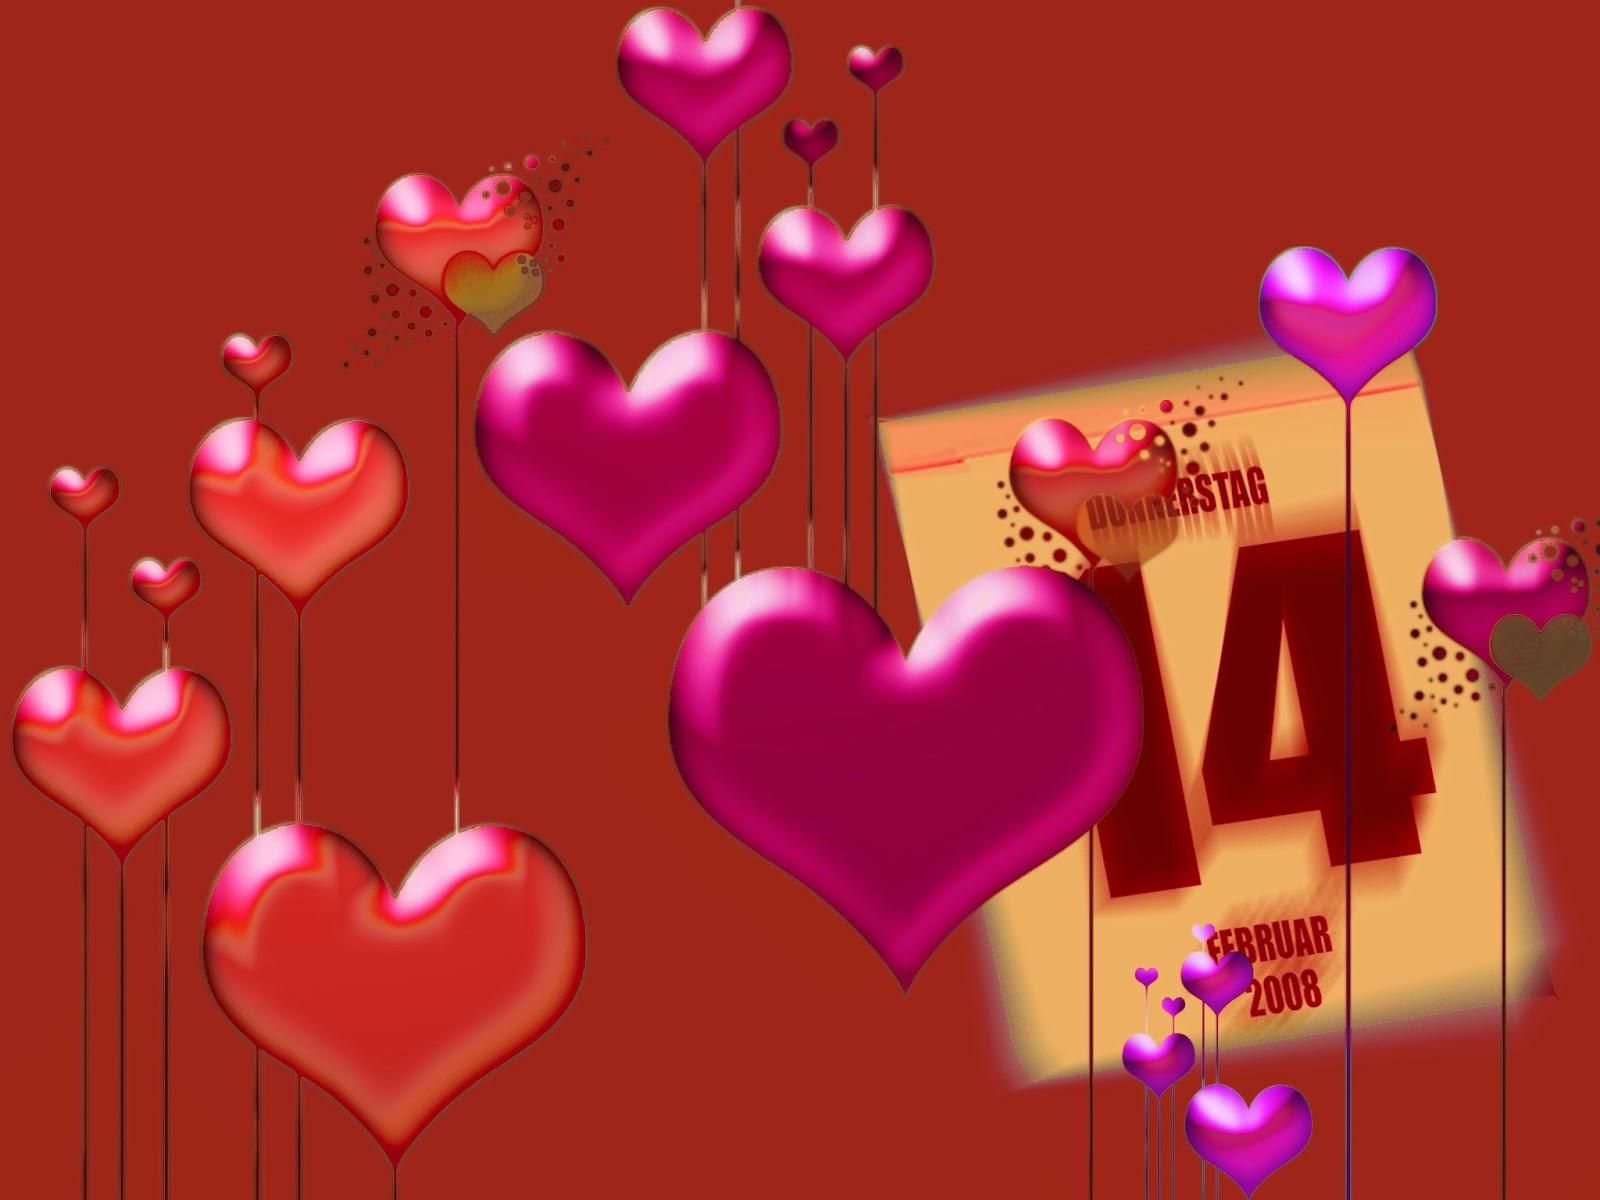 Sms Sprüche Valentinstag